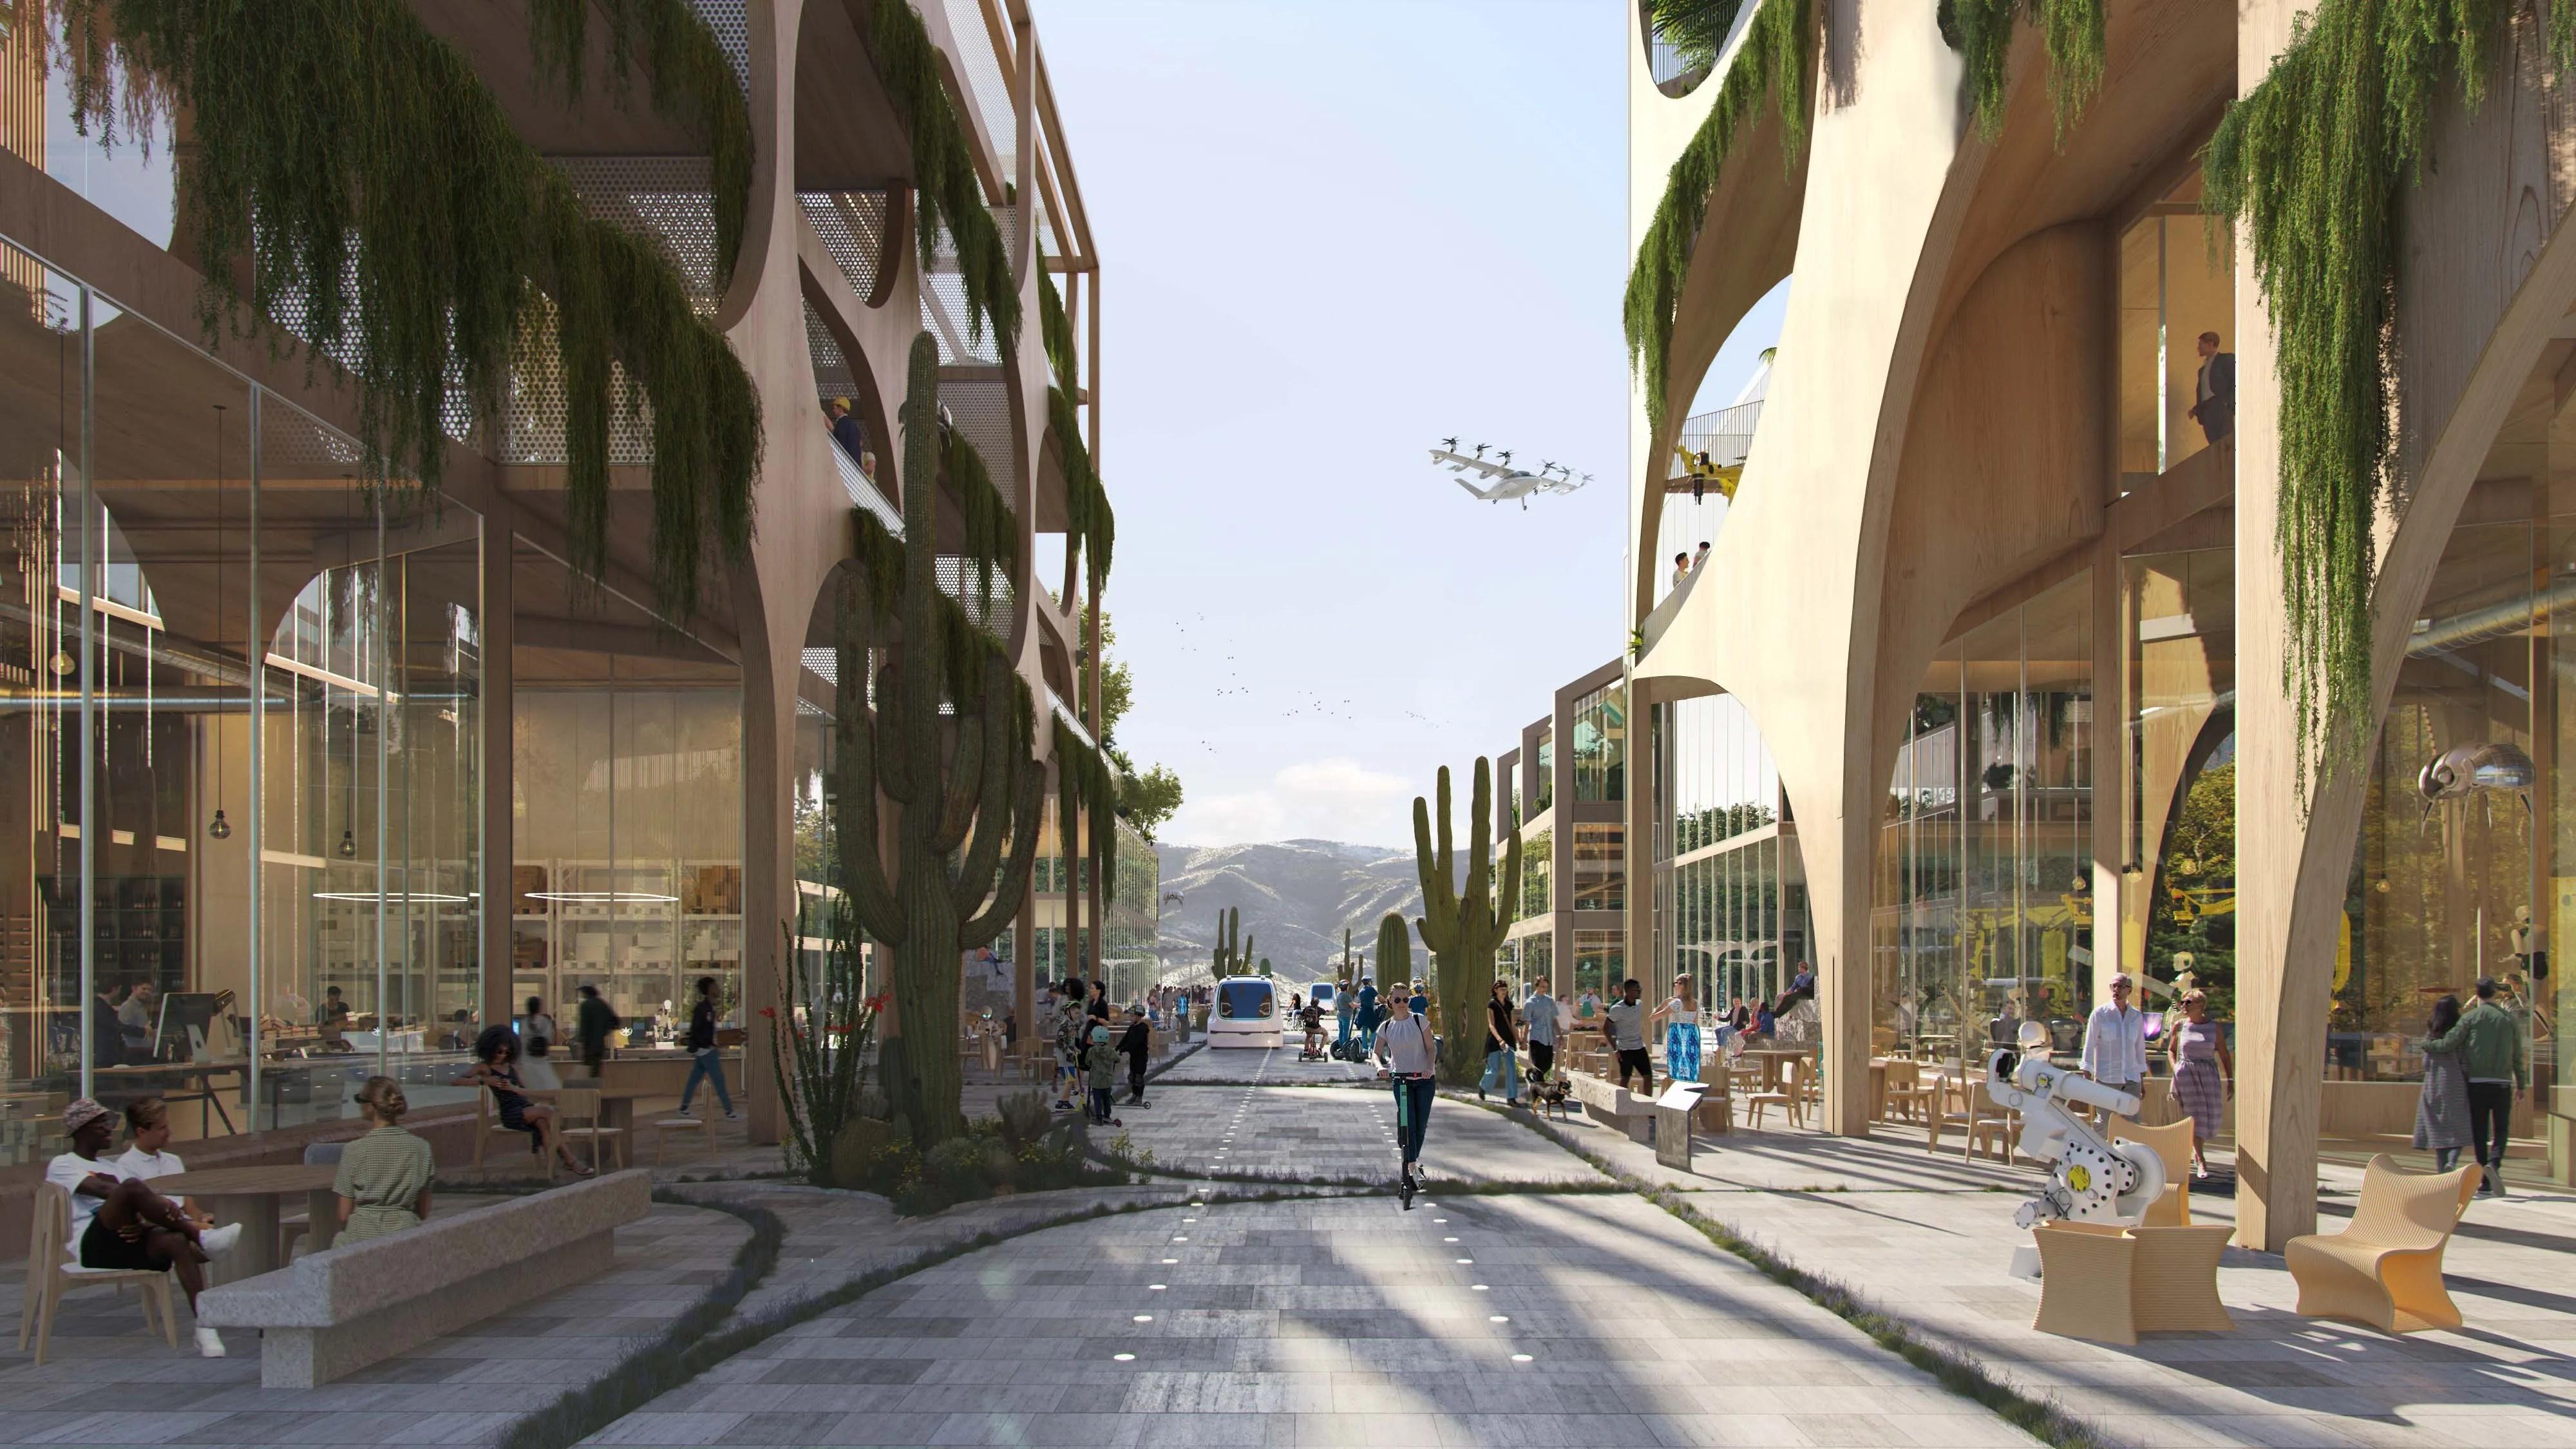 Një pikë qendrore e qytetit, e vendosur për të strehuar rreth 5 milion, do të jetë transporti i tij-me rrugët e Telosa që kanë përparësi për biçikletat dhe këmbësorët, si dhe makinat autonome që lëvizin ngadalë.